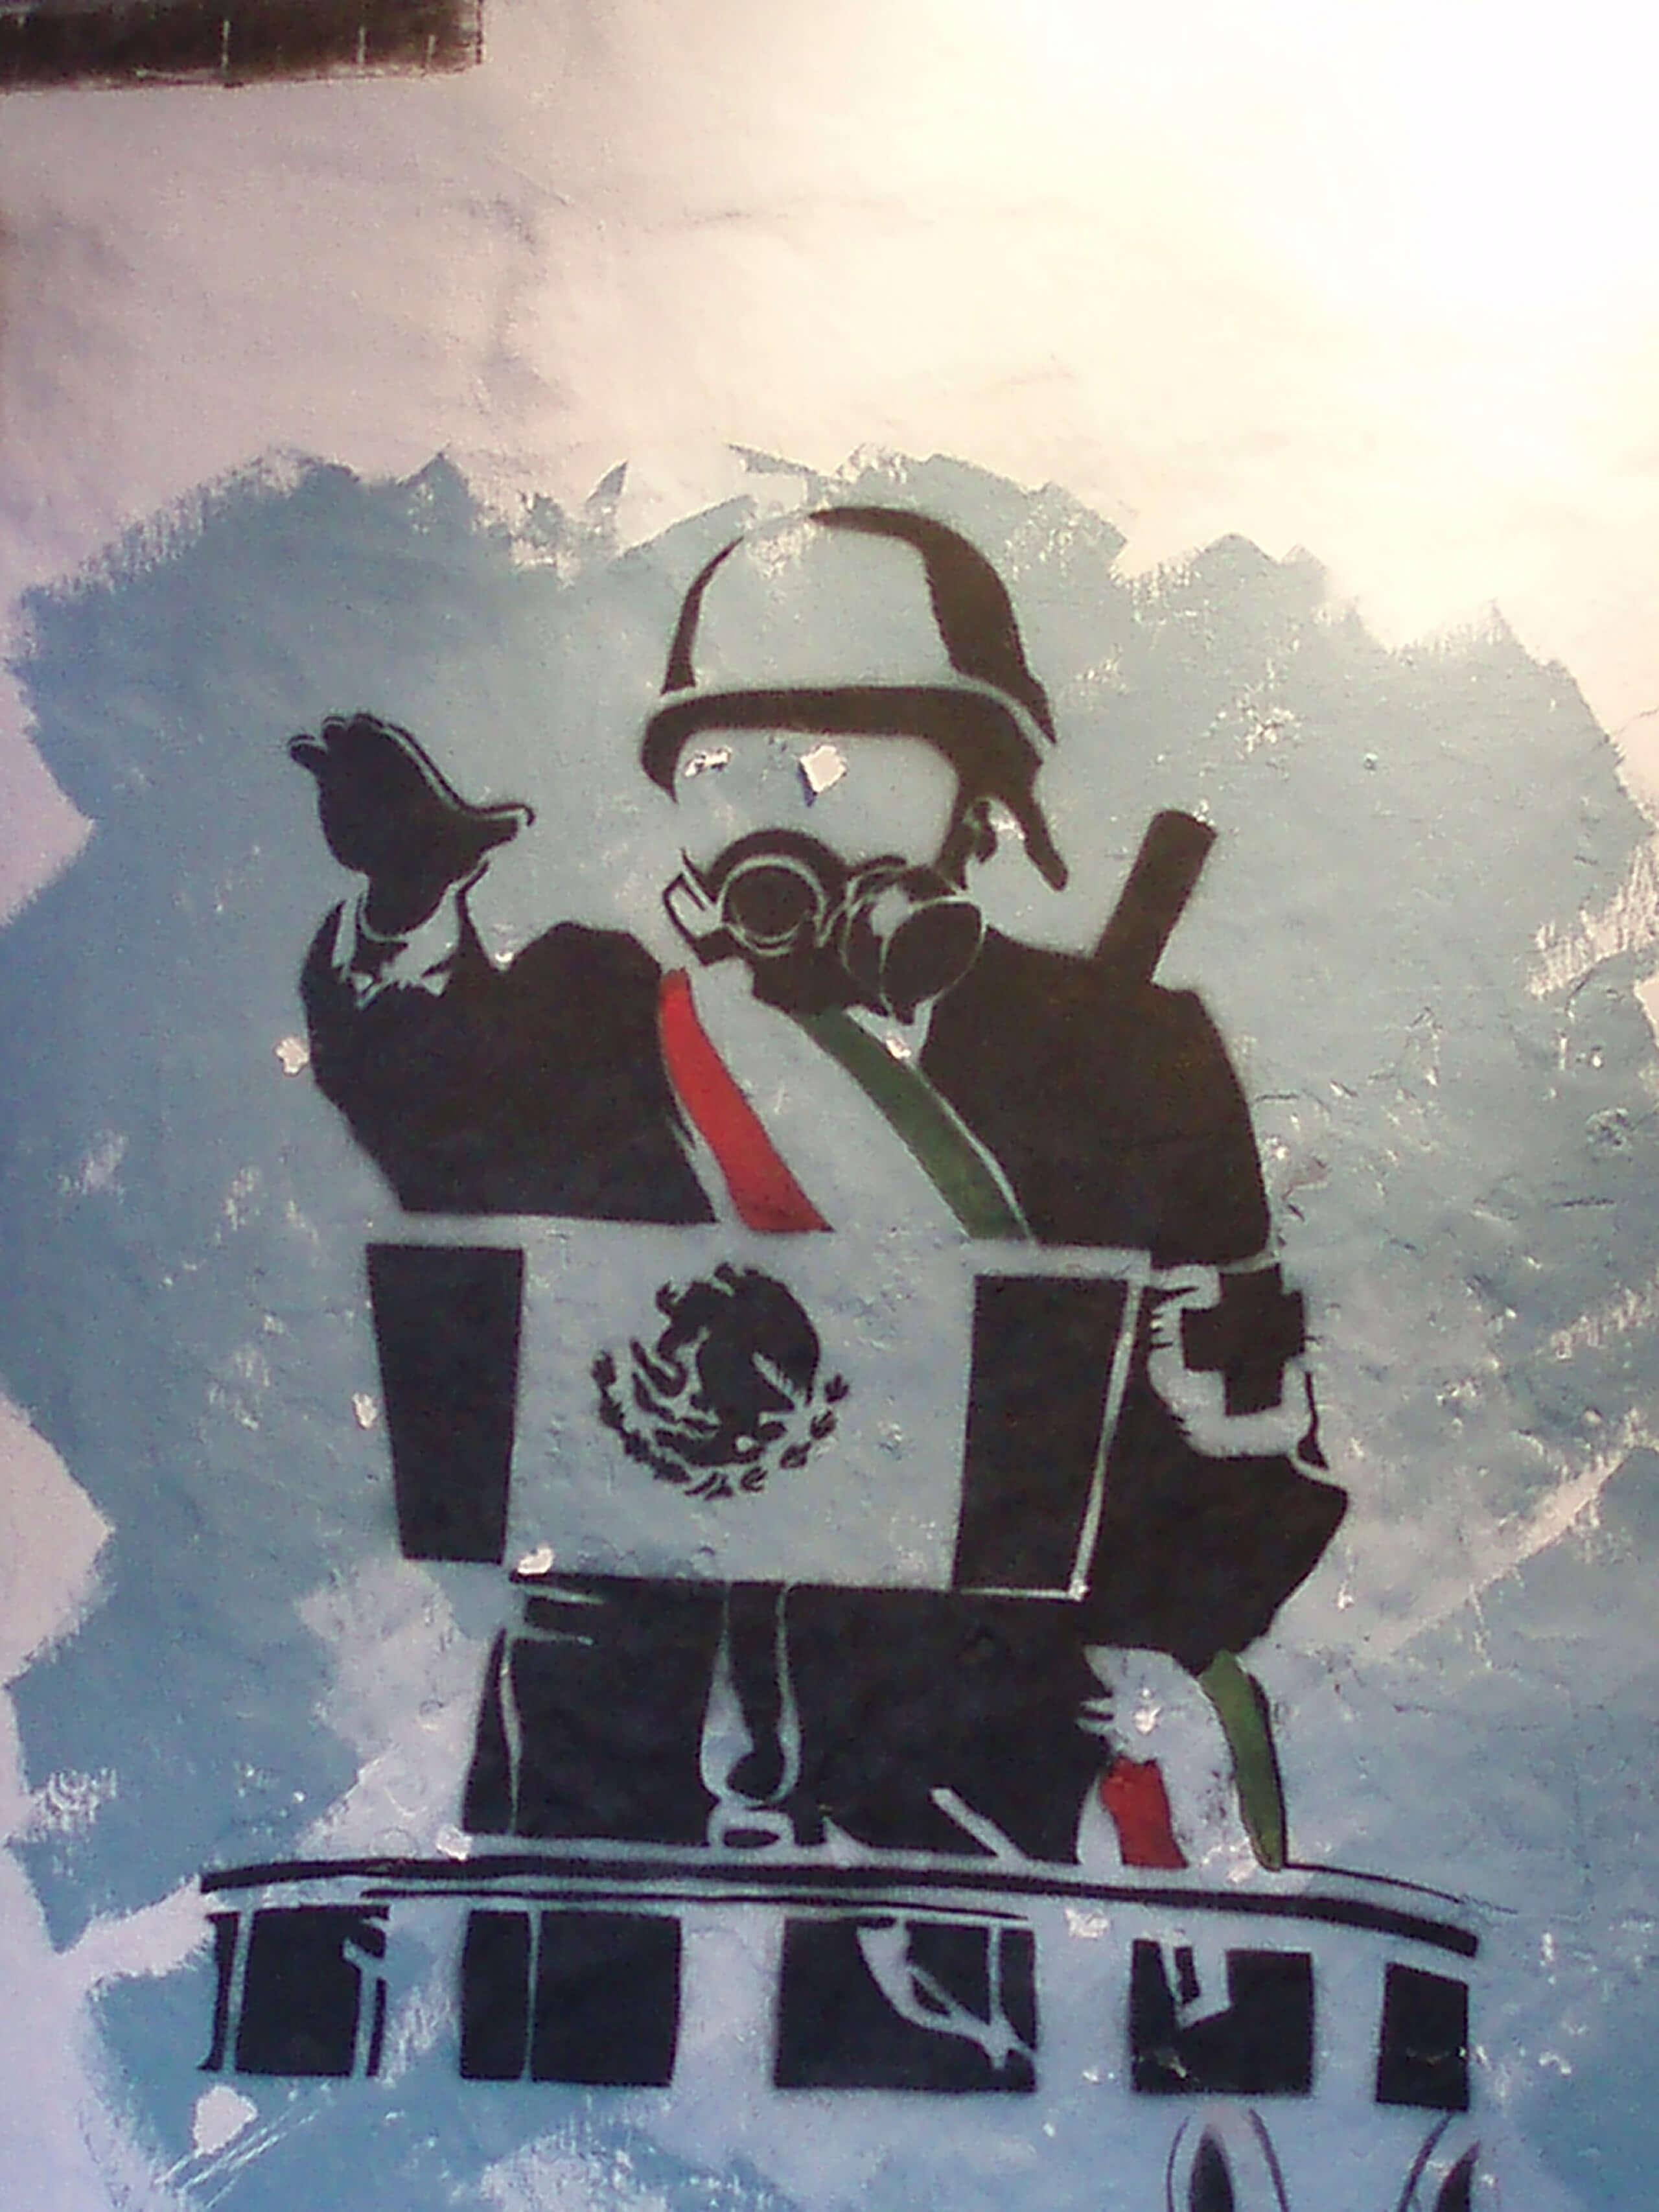 Imágenes documentales de los conflictos en Oaxaca (detalle) | La demanda inasumible. Imaginación social y autogestión gráfica en México, 1968-2018 | Museo Amparo, Puebla